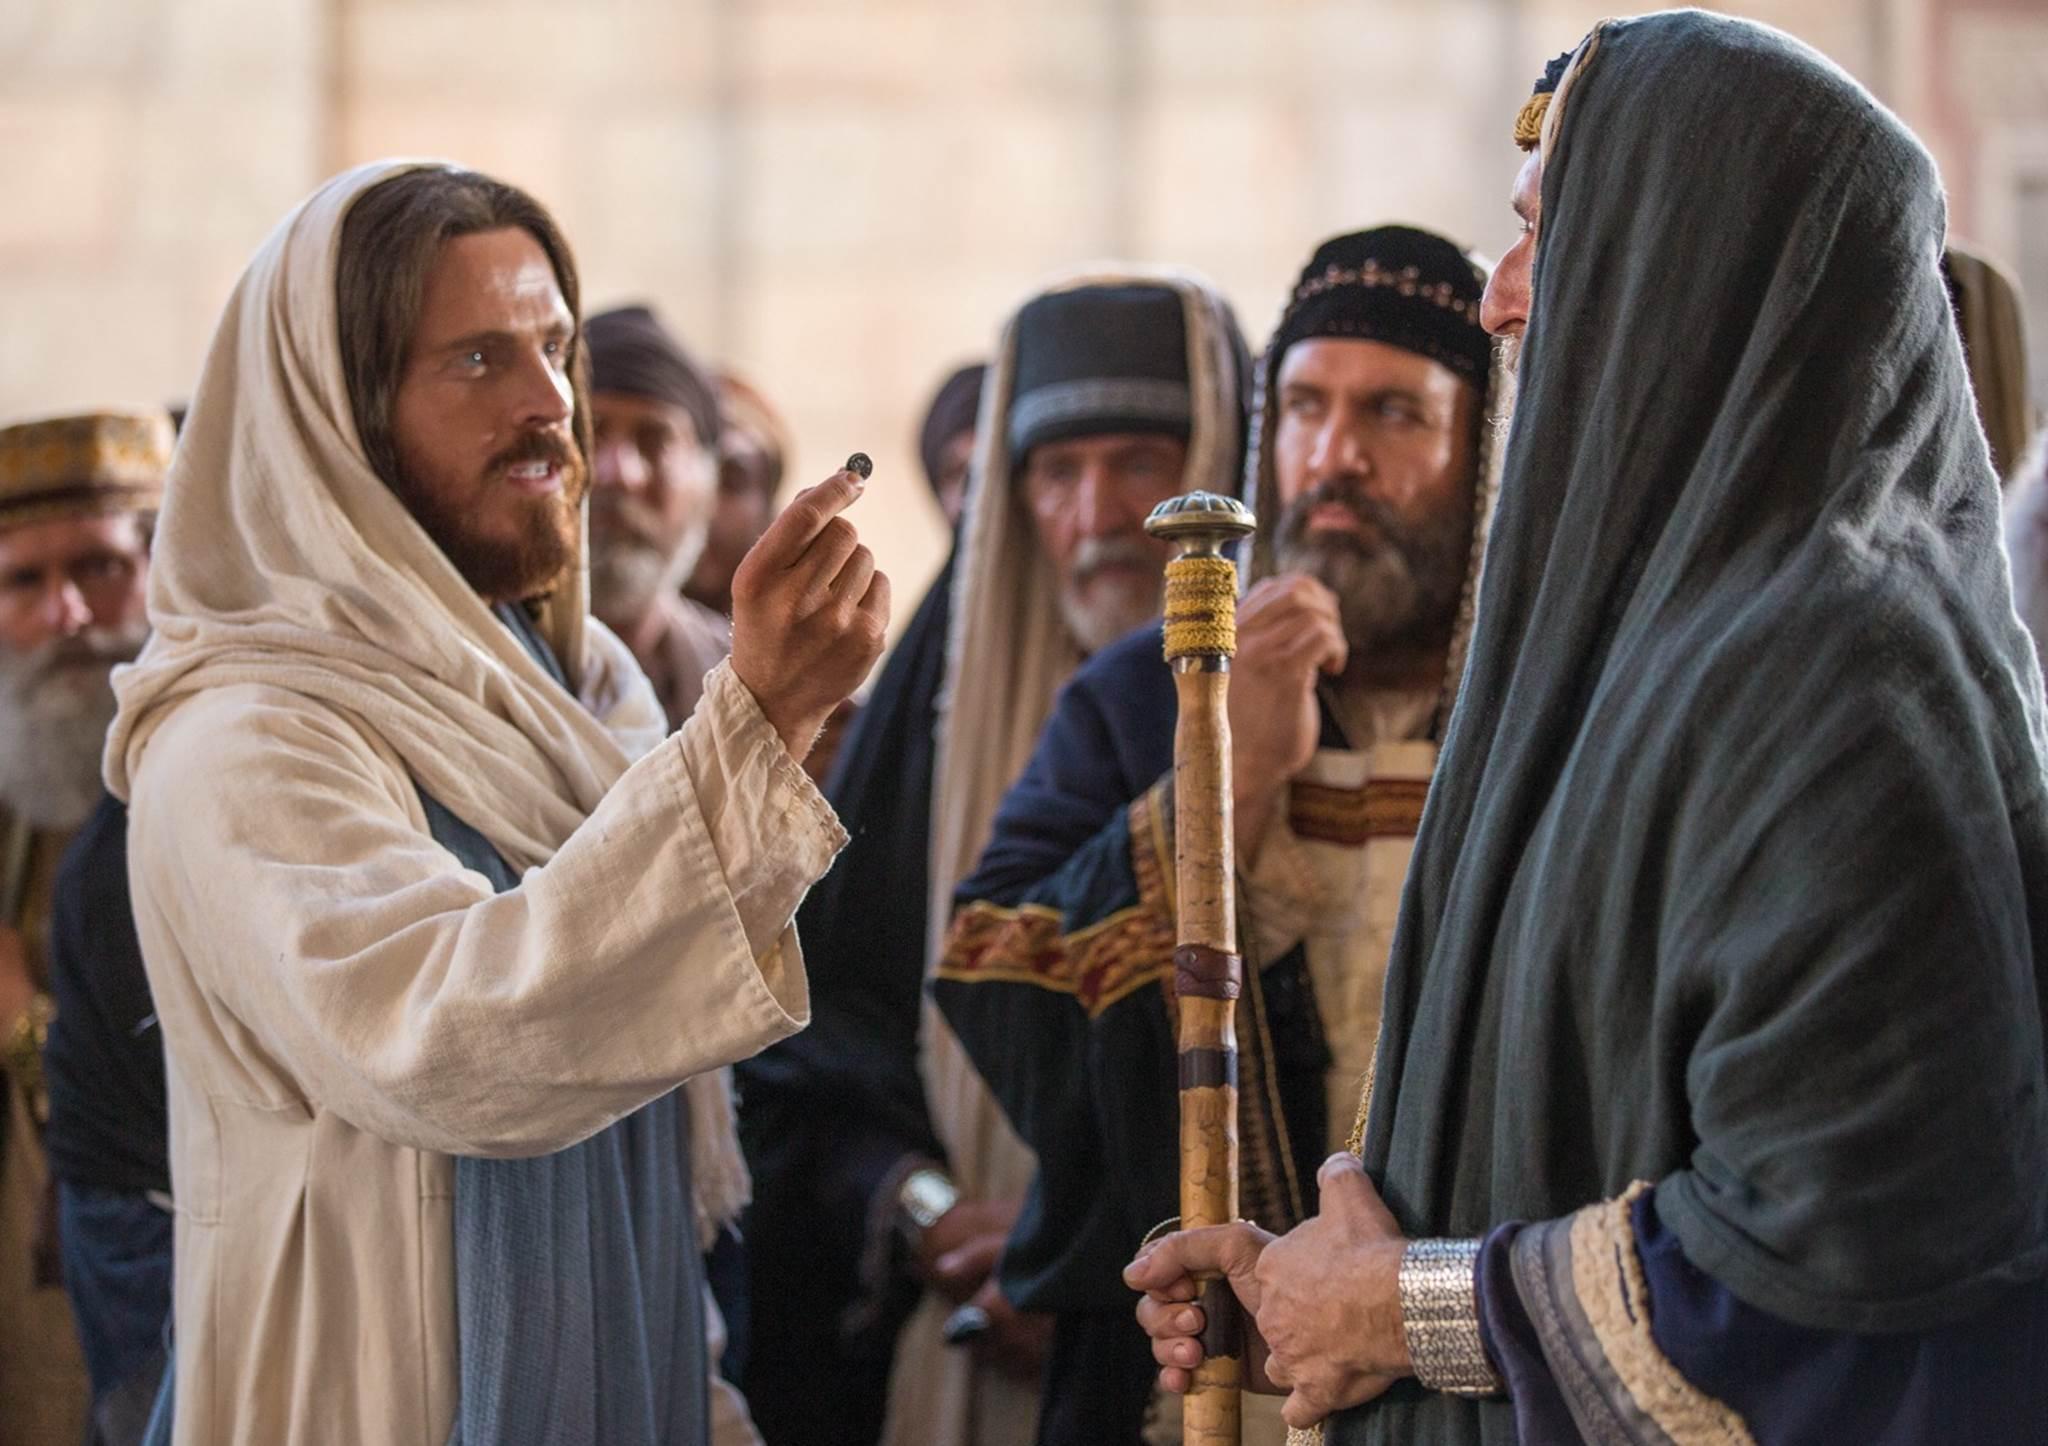 Sự thật sẽ giải phóng các ông (24.3.2021 – Thứ Tư Tuần 5 Mùa Chay)